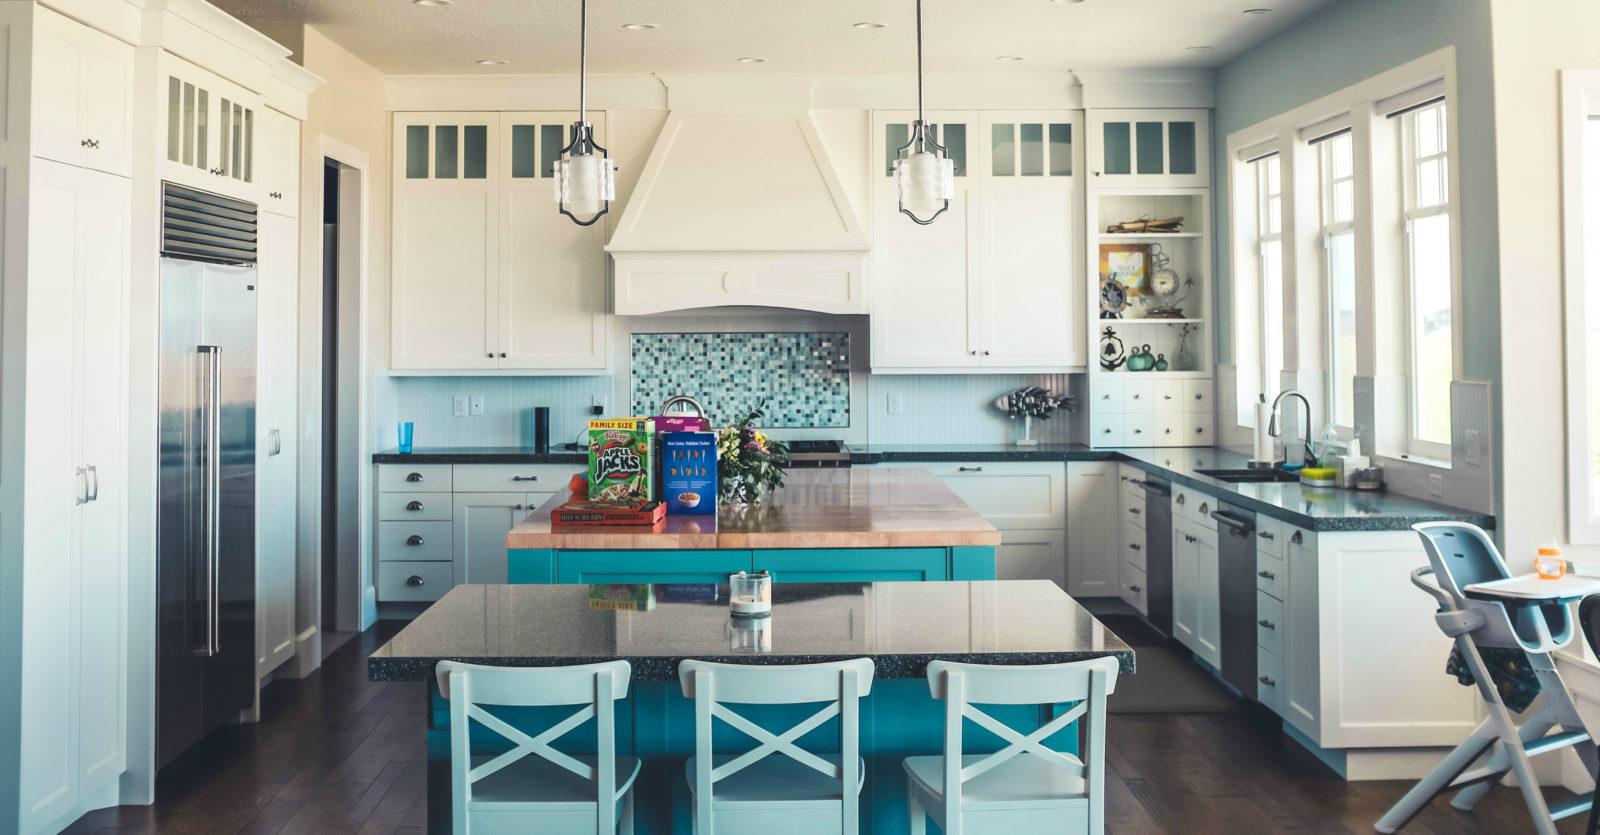 Glendale Real Estate | Sheri McBroom